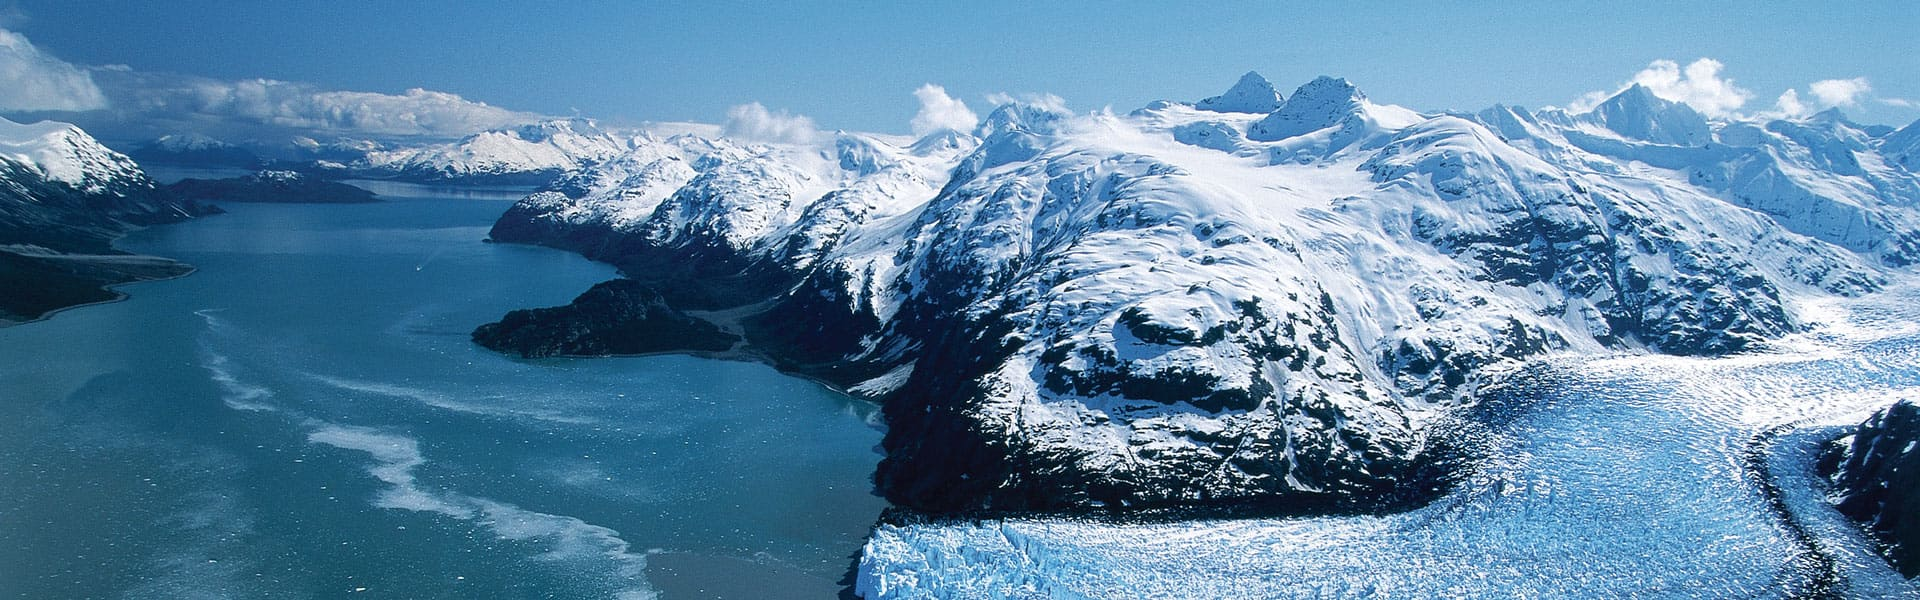 Alaska: Glacier Bay & Juneau